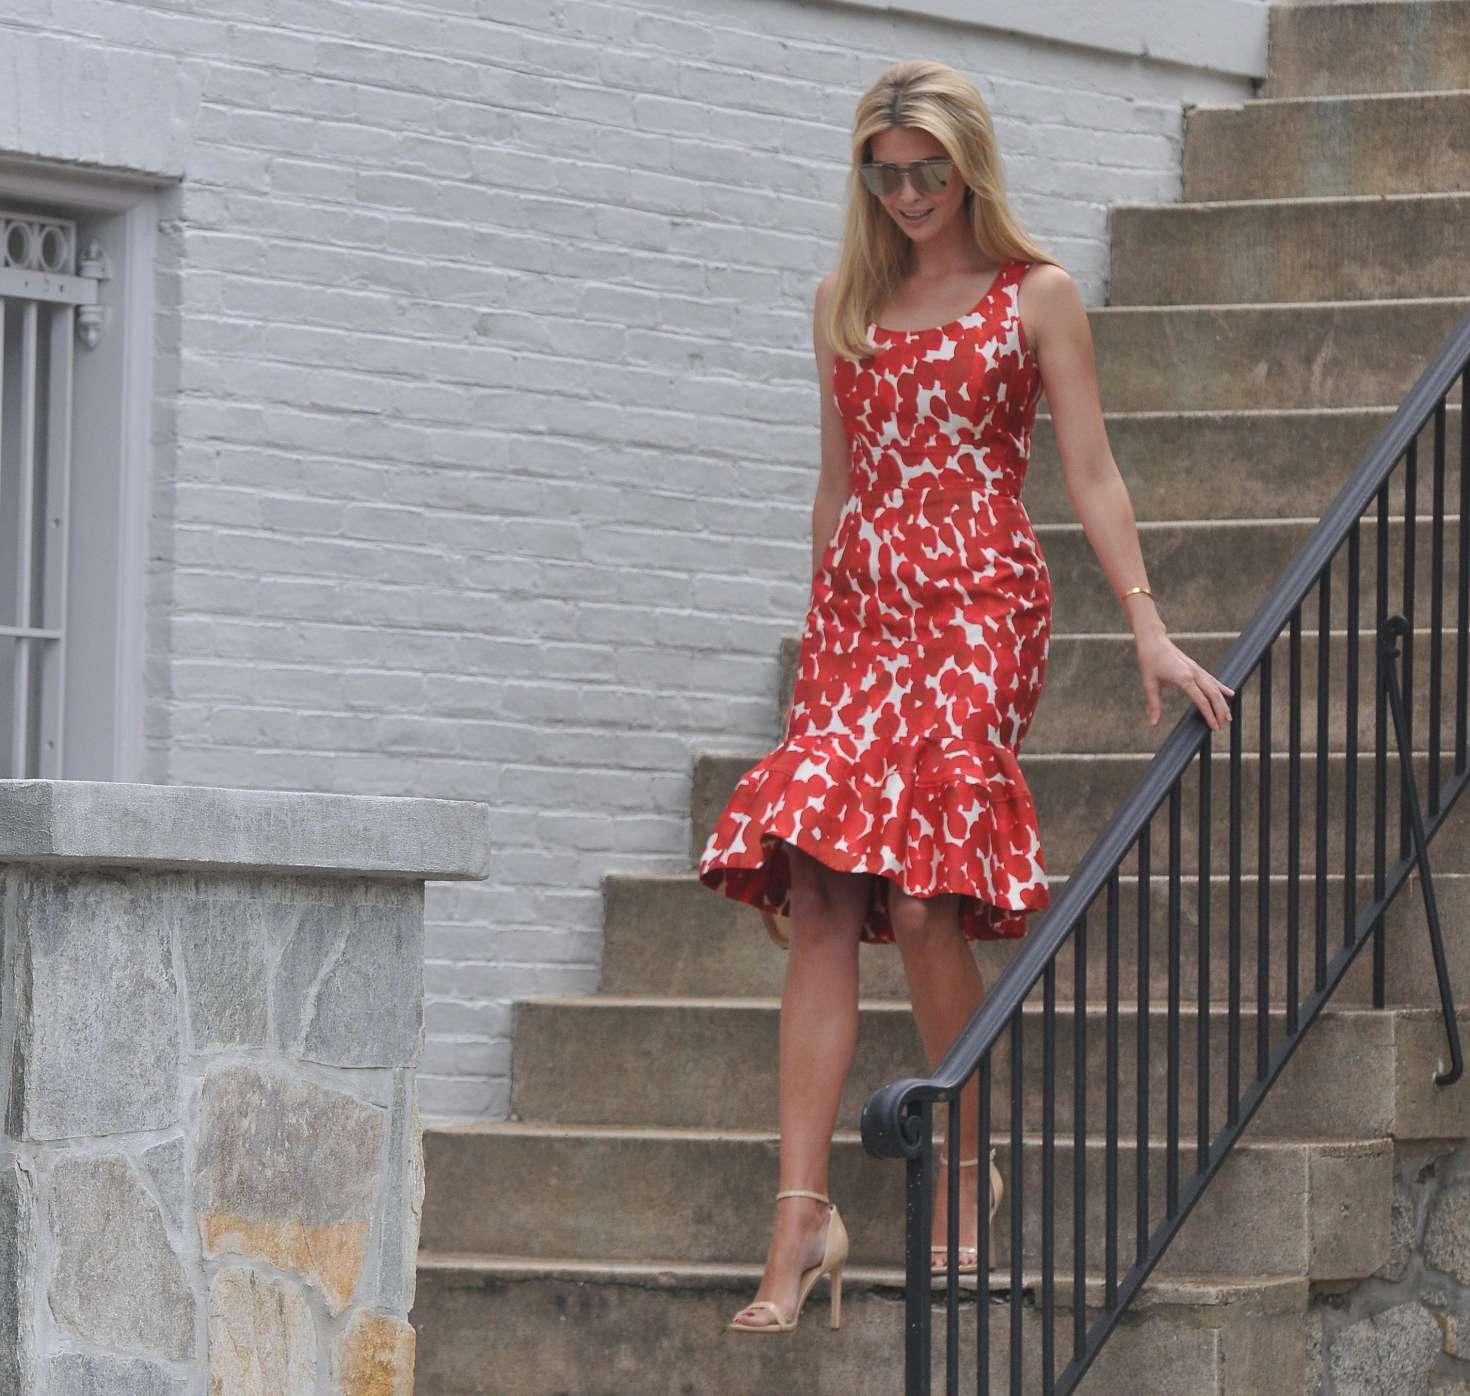 Ivanka Trump 2017 : Ivanka Trump in Red Dress -23